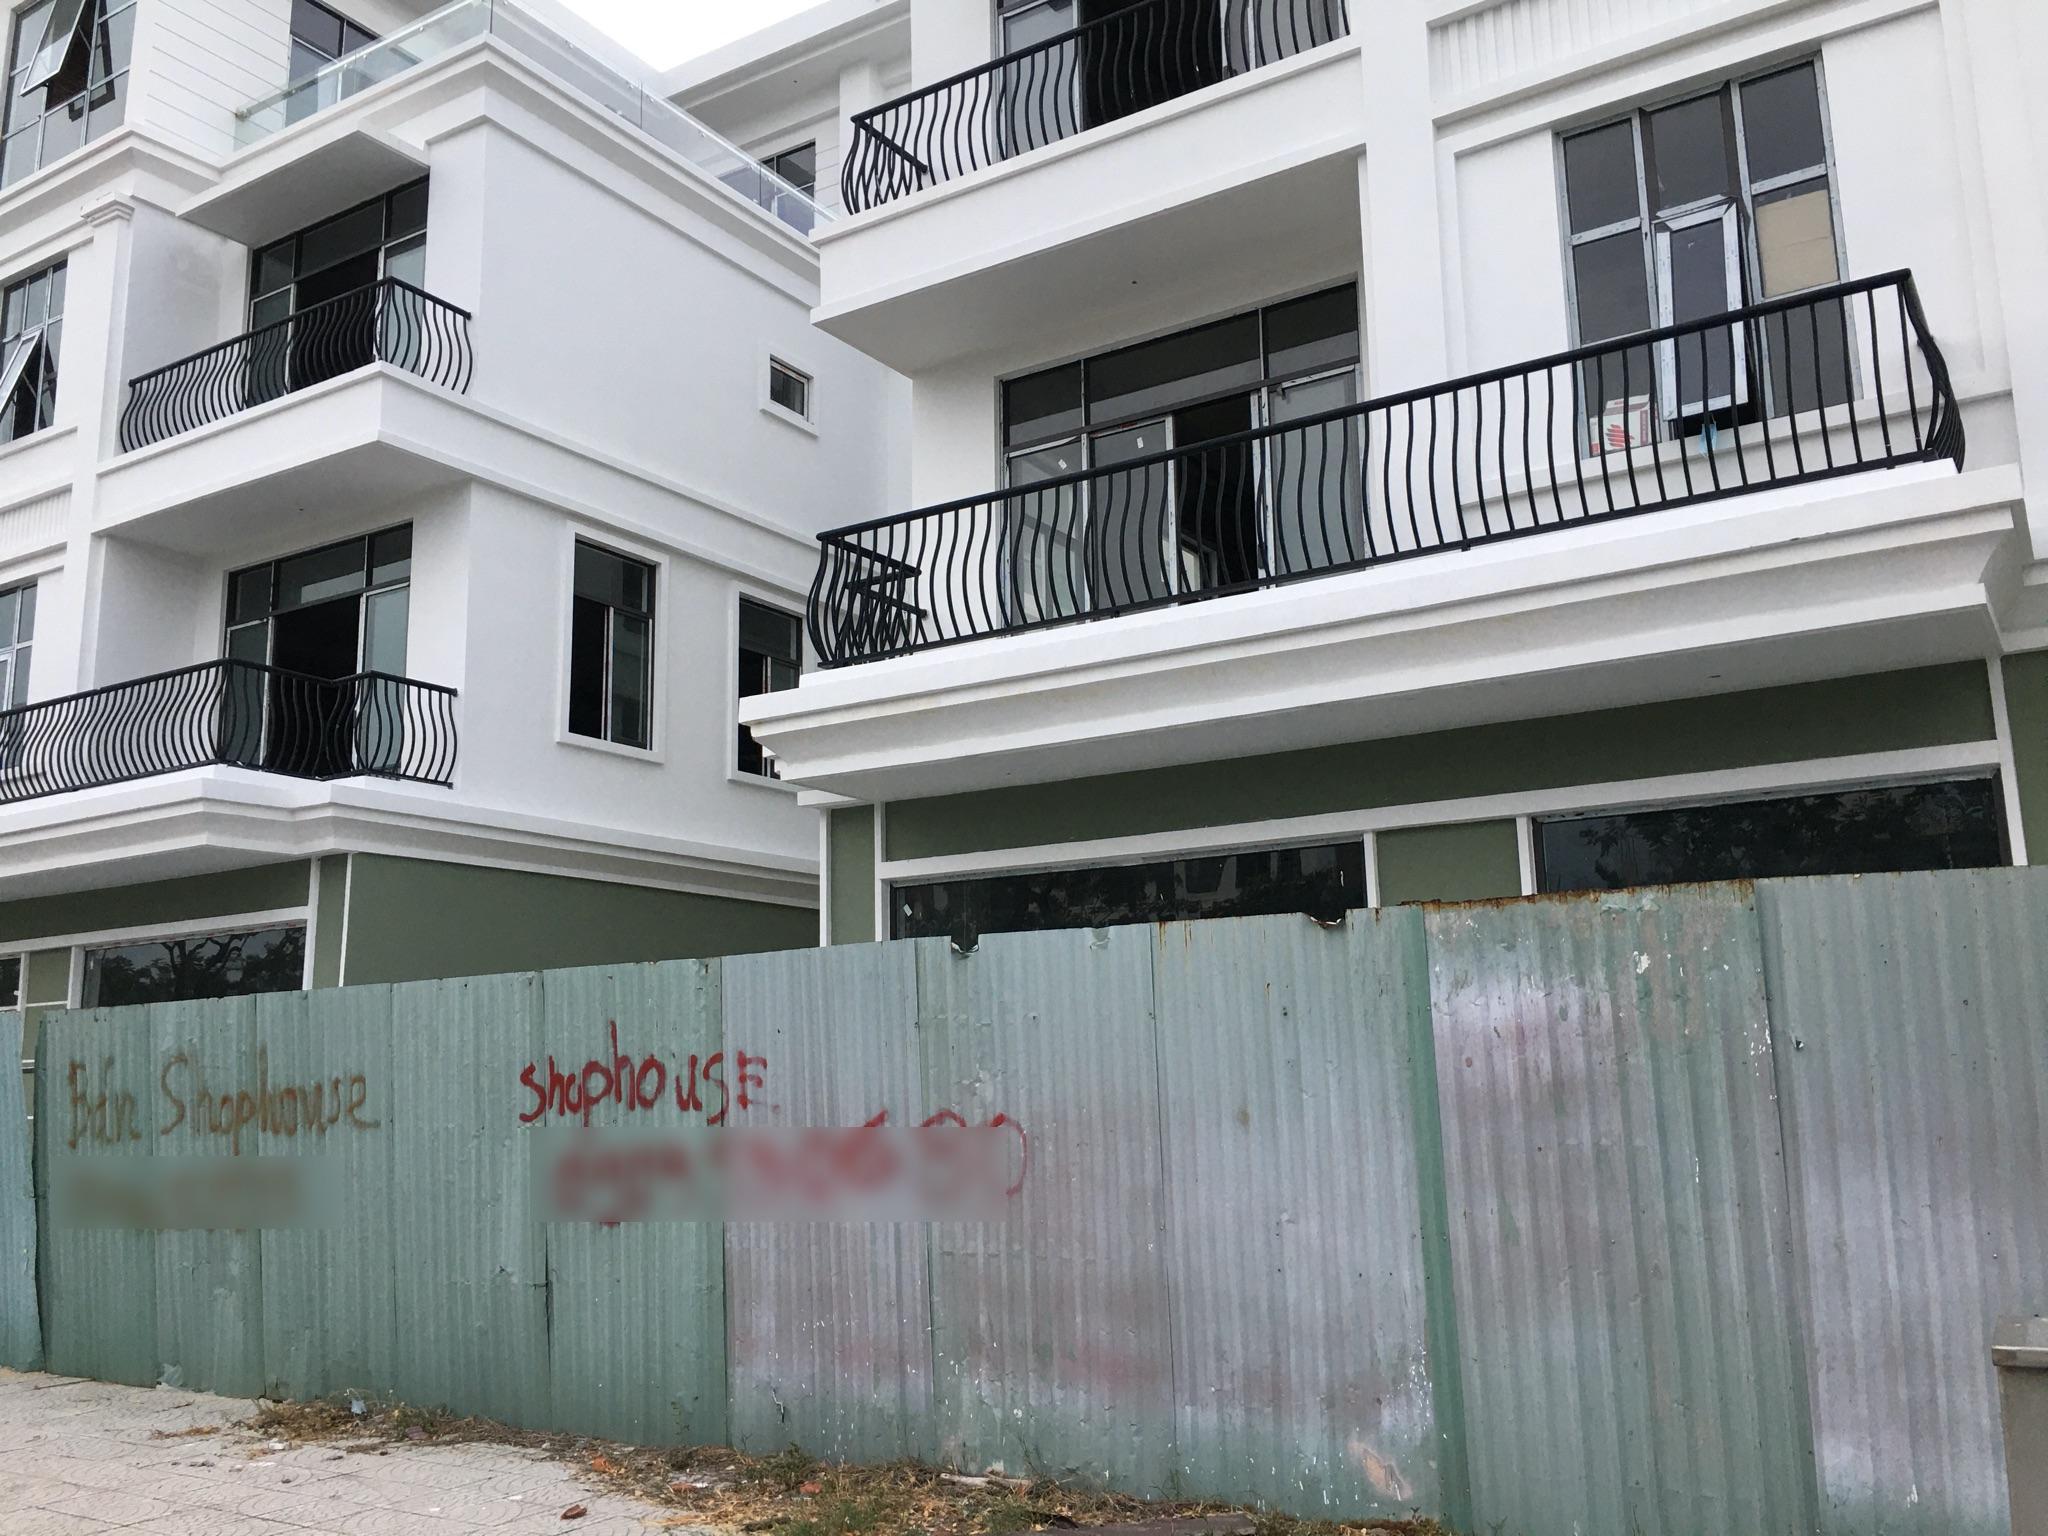 [PhotoStory] Hàng trăm shophouse chục tỉ đồng ở Đà Nẵng ế ẩm người thuê, bỏ hoang - Ảnh 14.